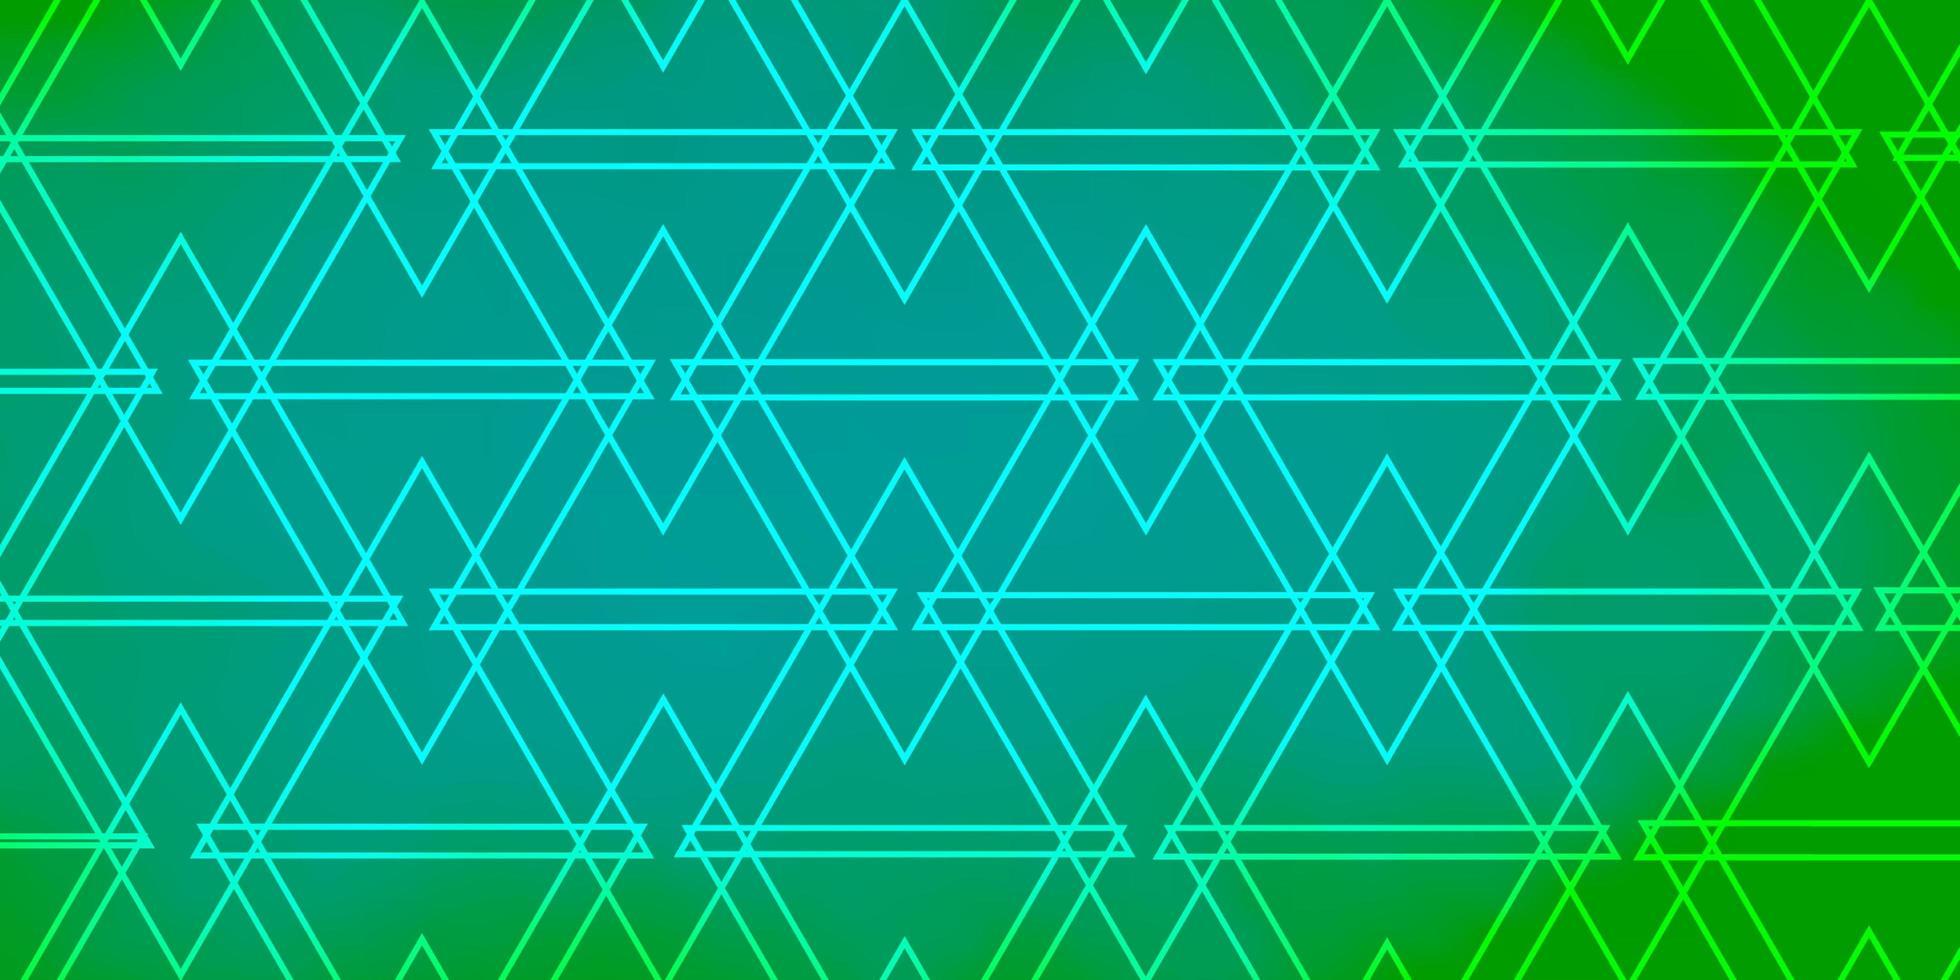 hellgrüner Vektorhintergrund mit Dreiecken. vektor